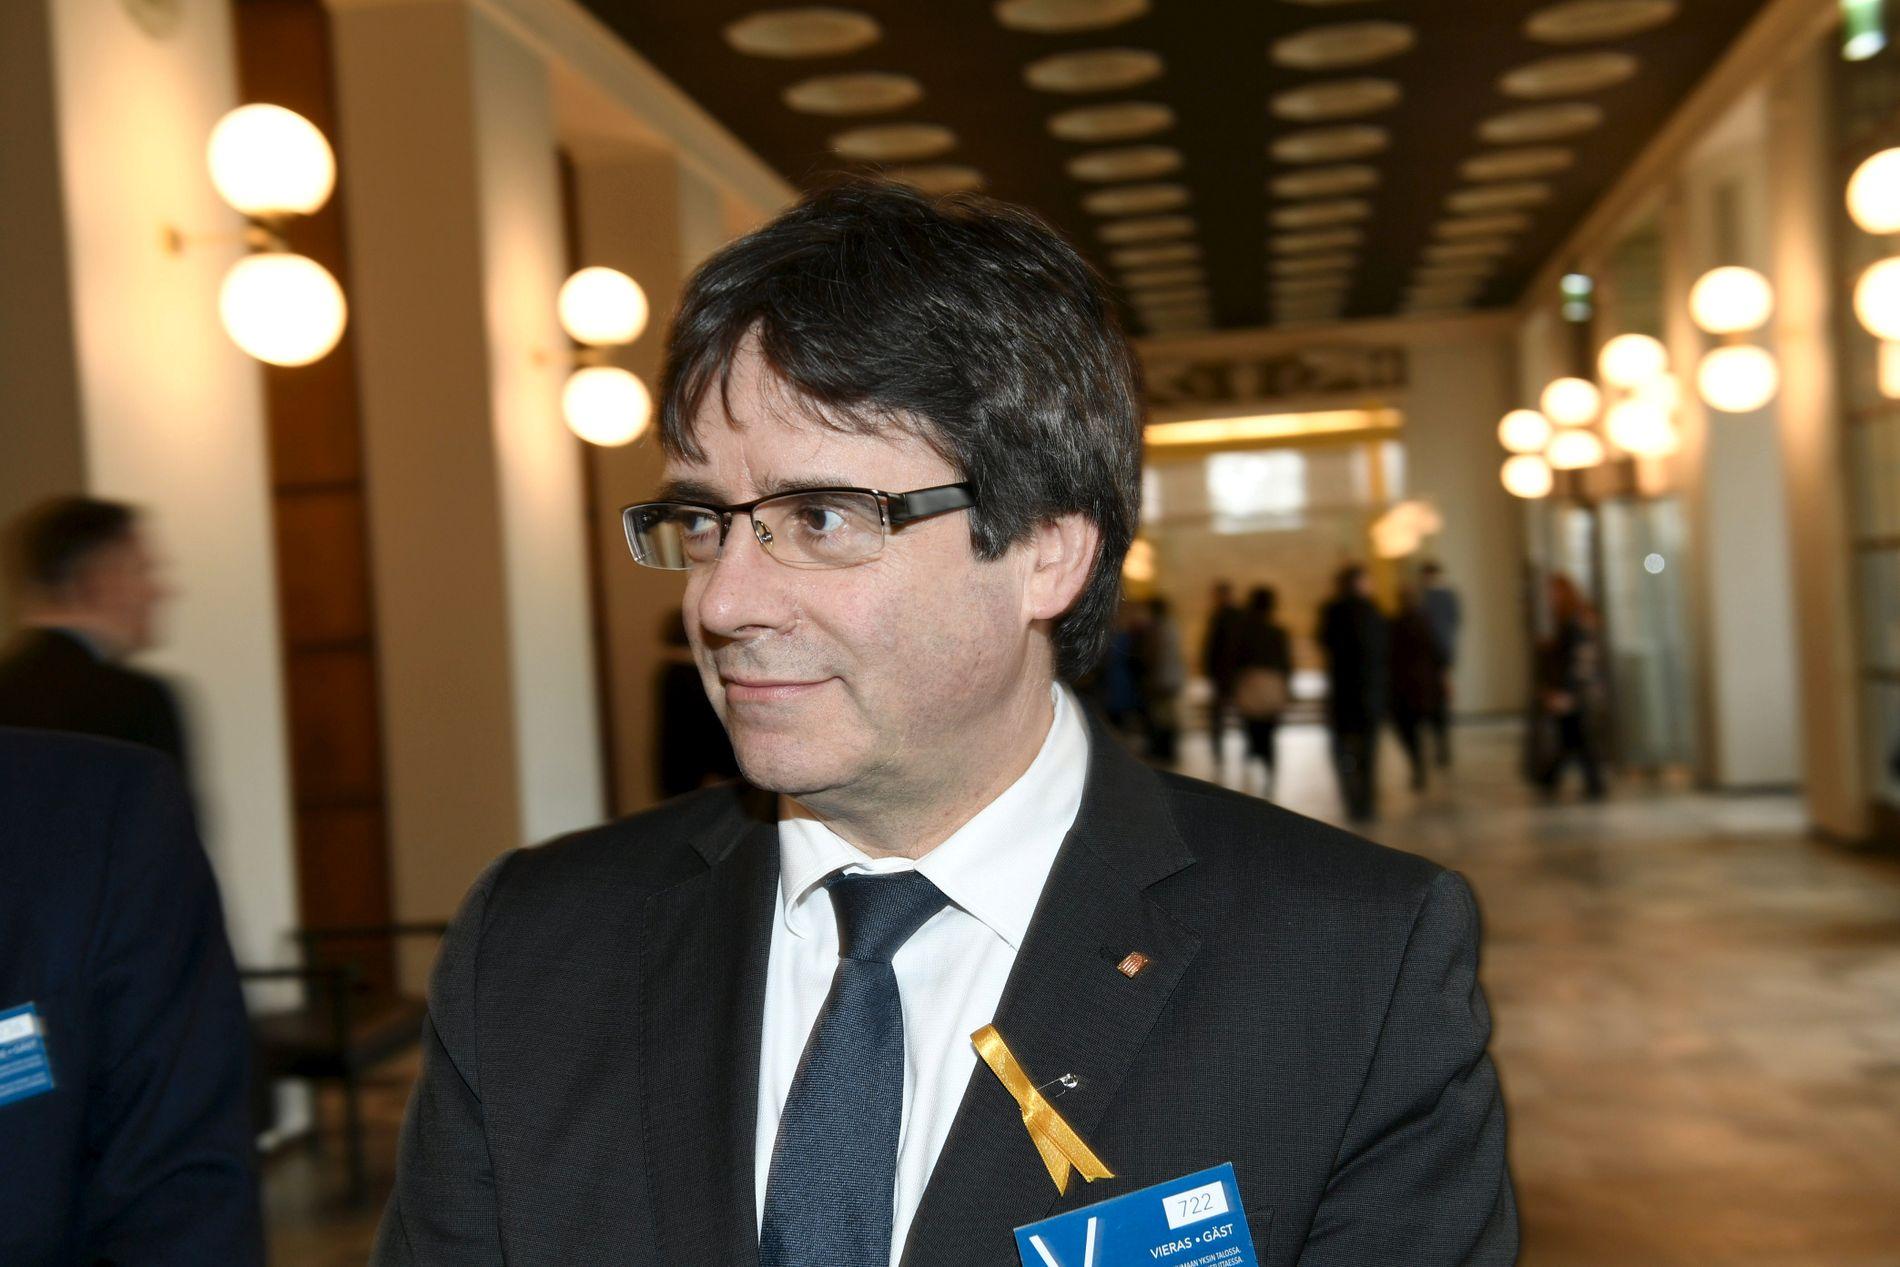 FINSK VISITT: Den katalanske eks-presidenten er fengslet av tysk politi. Bildet er tatt under et besøket på det finske parlamentet i Helsingfors torsdag.